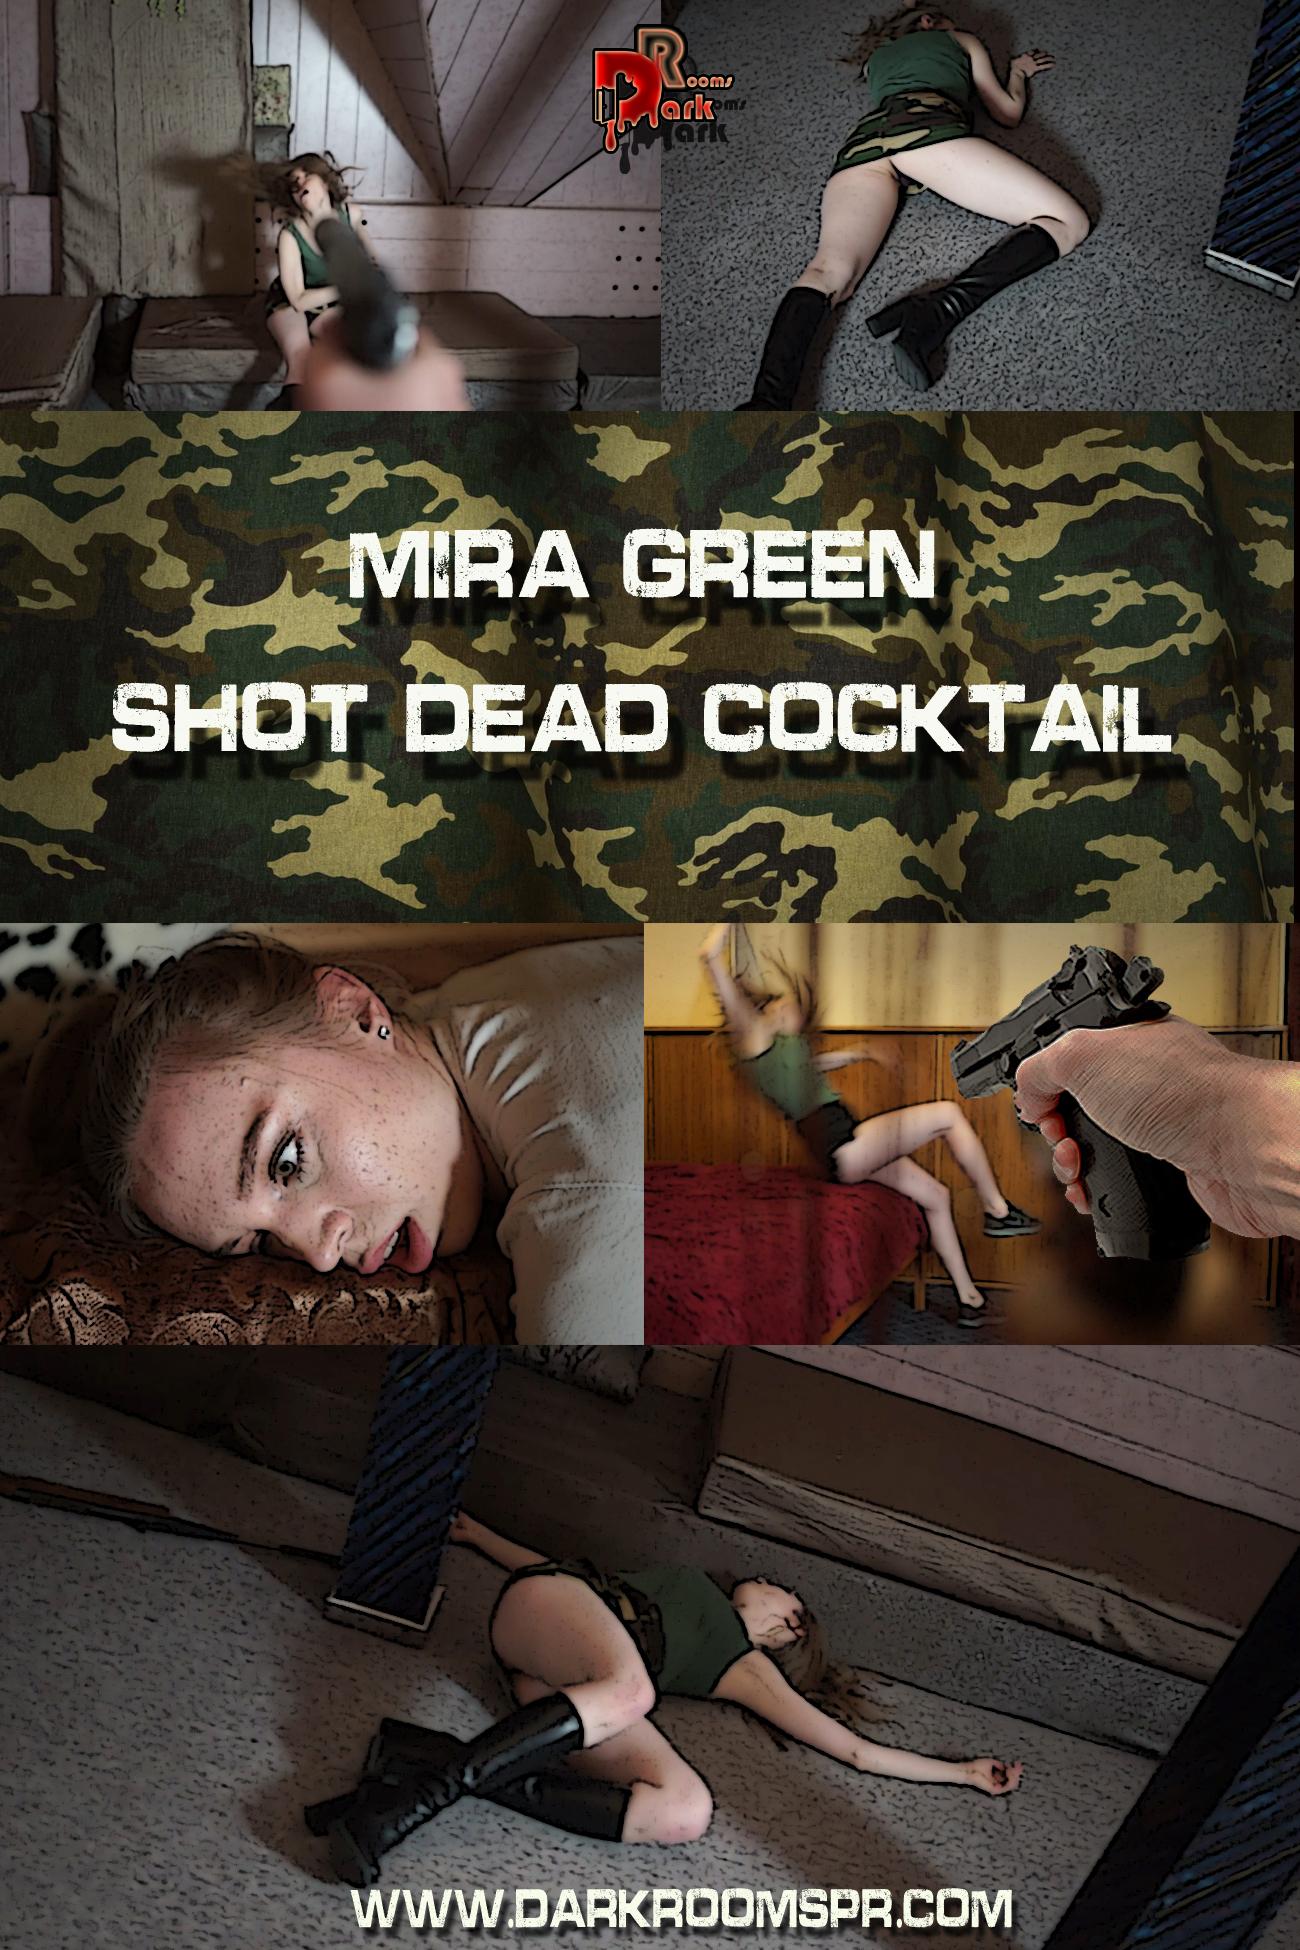 MIRA GREEN SHOT DEAD COCKTAIL